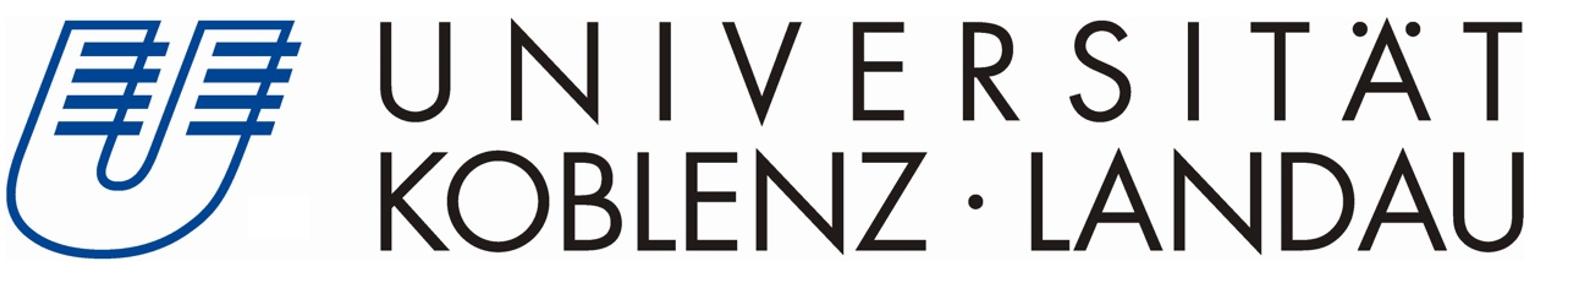 Wissenschaftlicher Mitarbeiter (m/w/d) Fachbereich Natur- und Umweltwissenschaften, am Institut für Mathematik - Universität Koblenz-Landau - Logo